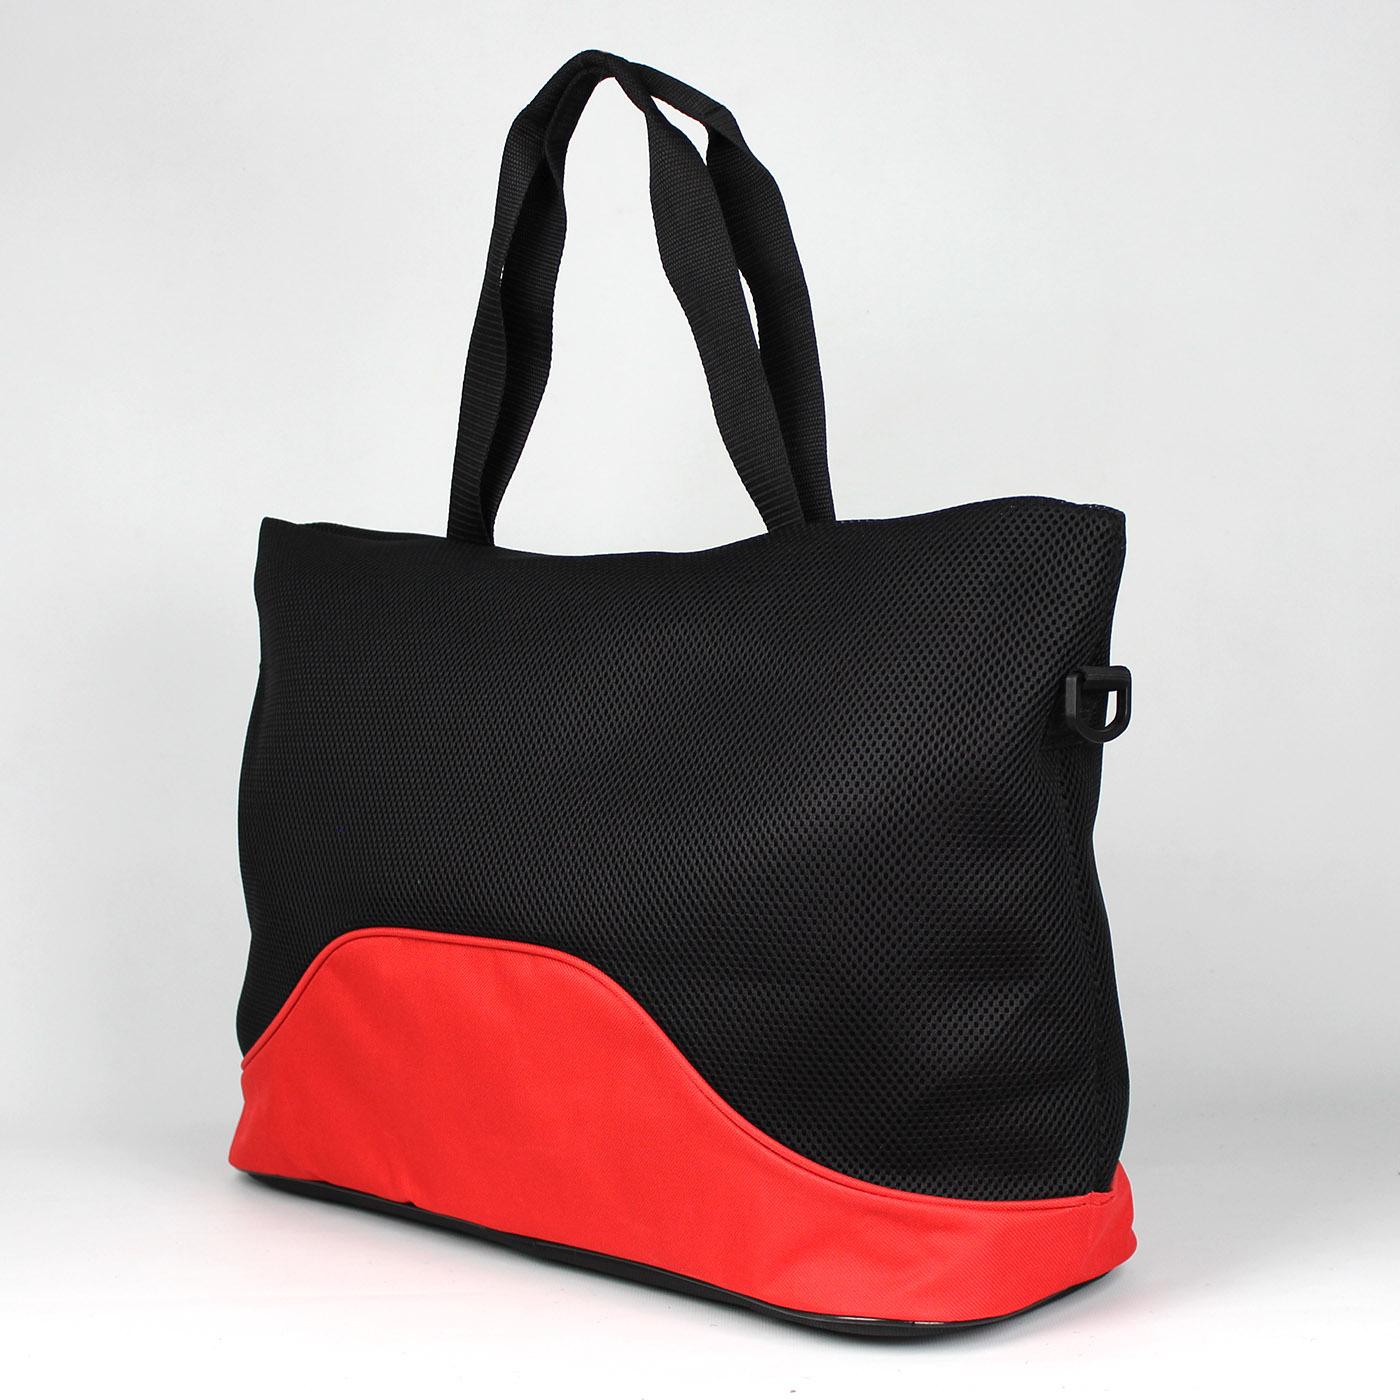 спортивная сумка женская цена, сумка +для фитнеса, женские сумки +для фитнеса, спортивная сумка +для фитнеса, спортивные сумки +для фитнеса женские